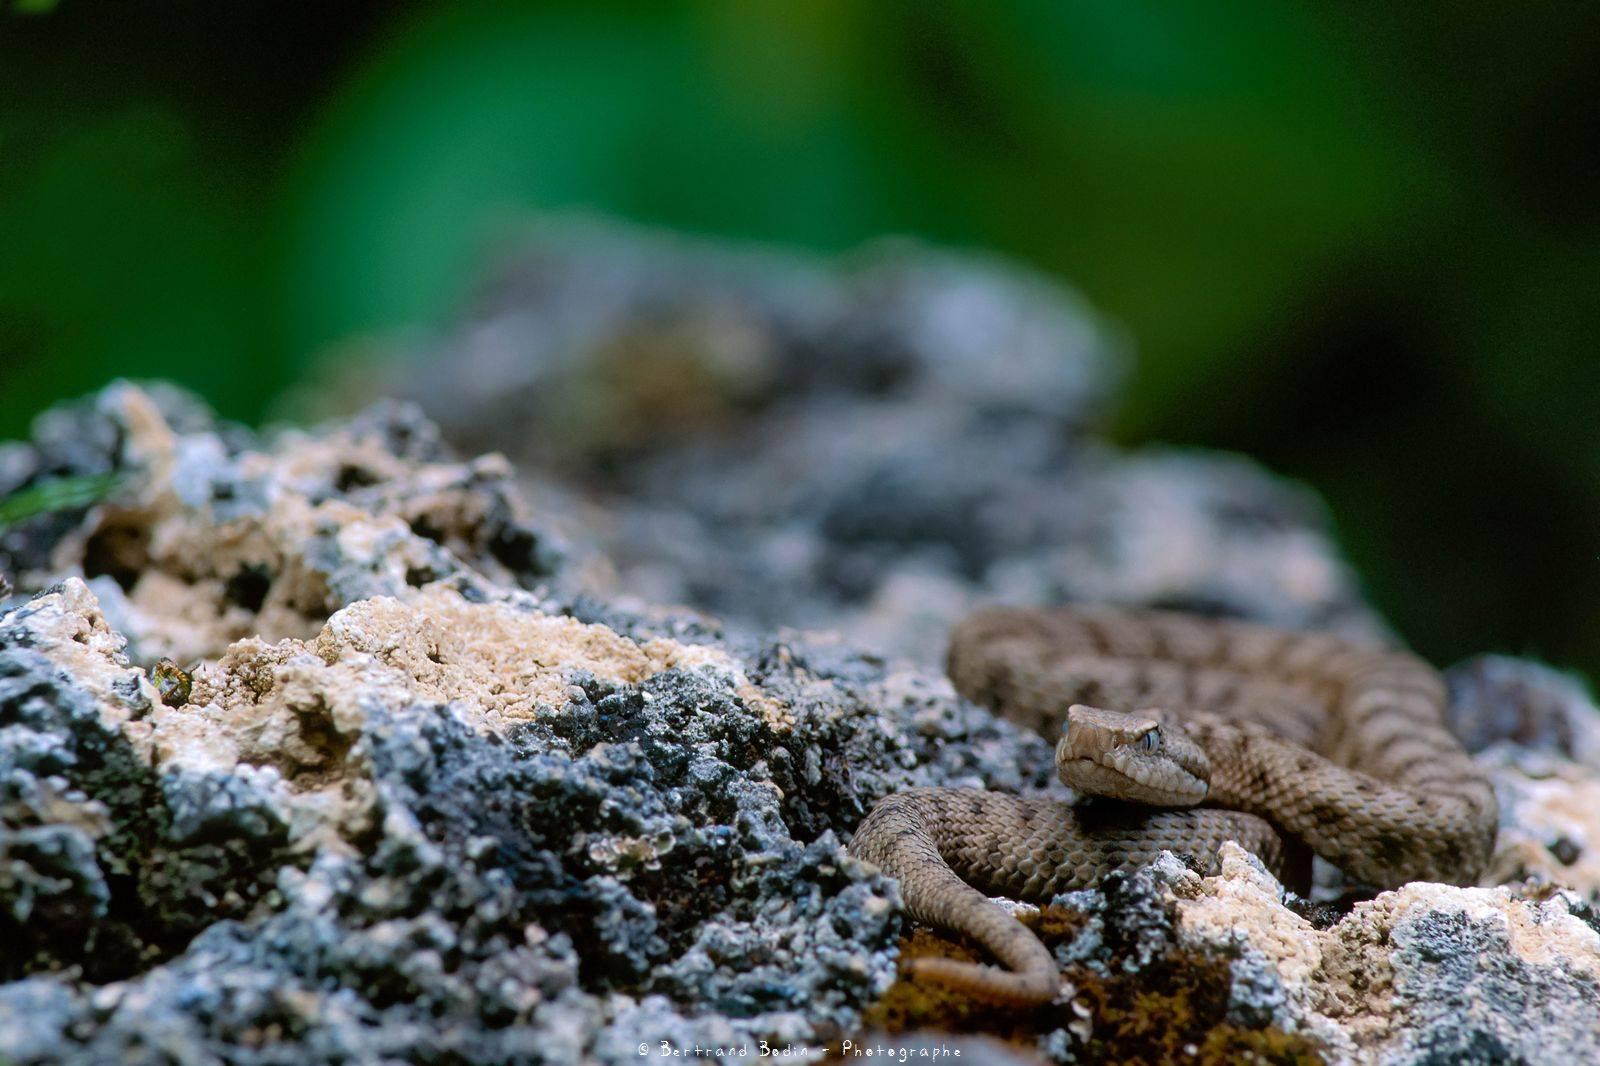 Vipère Aspic ©Bertrand Bodin